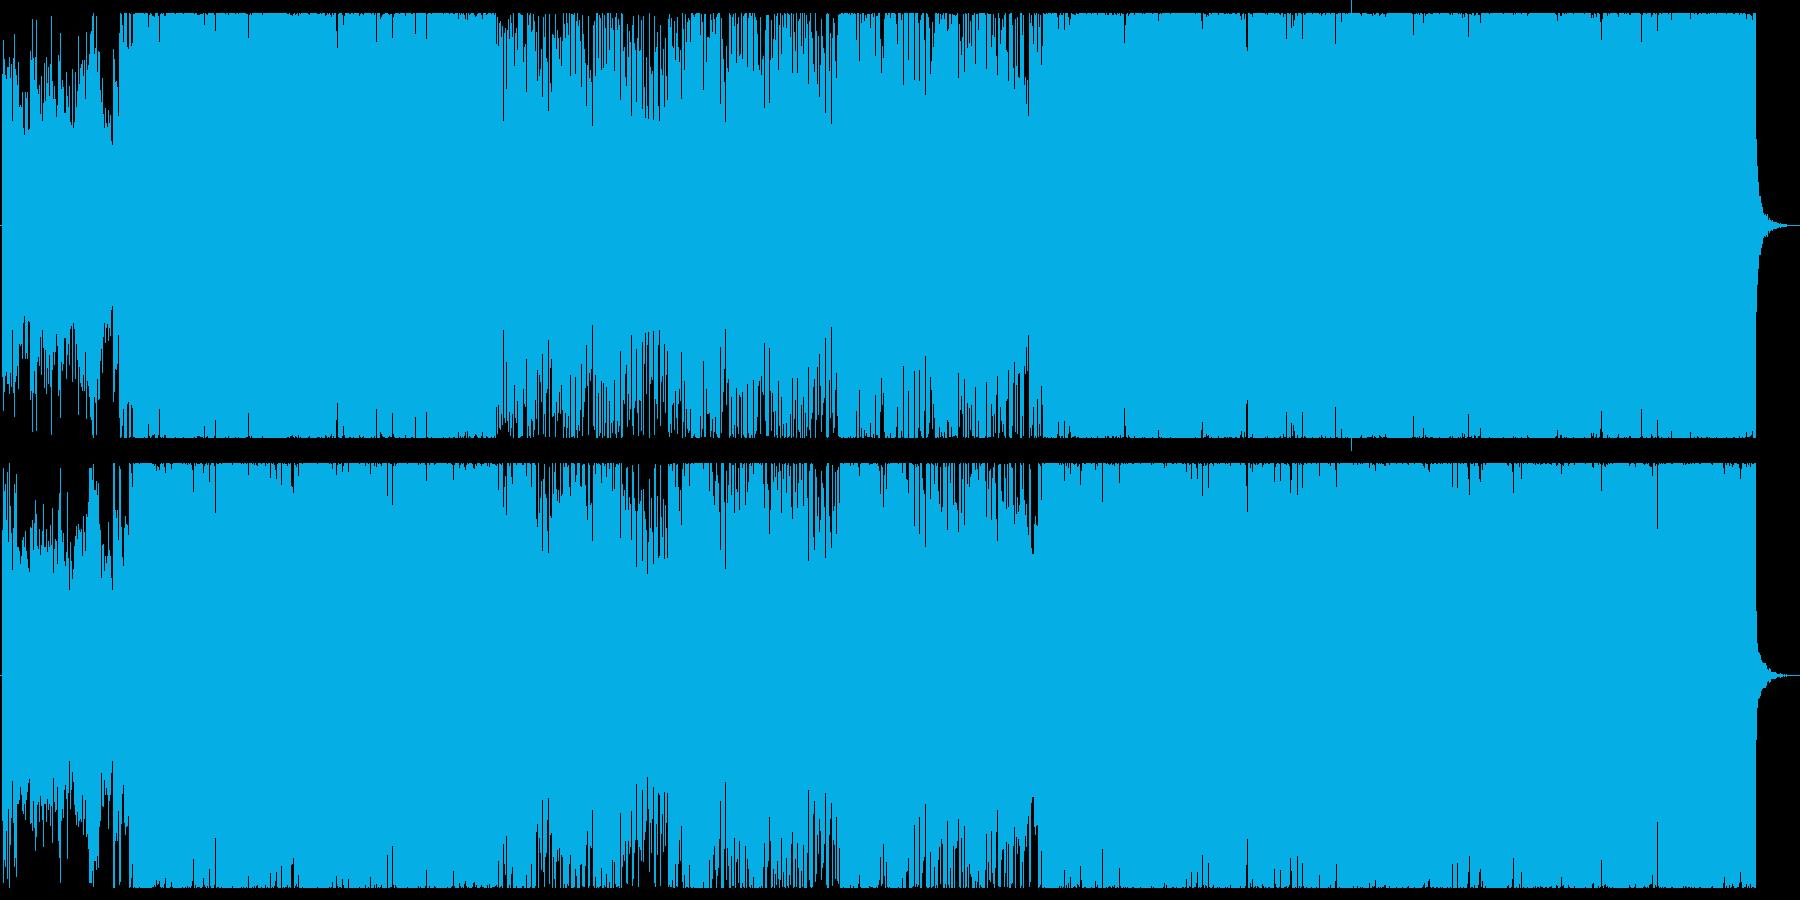 メロディアスで疾走感のある戦闘曲の再生済みの波形